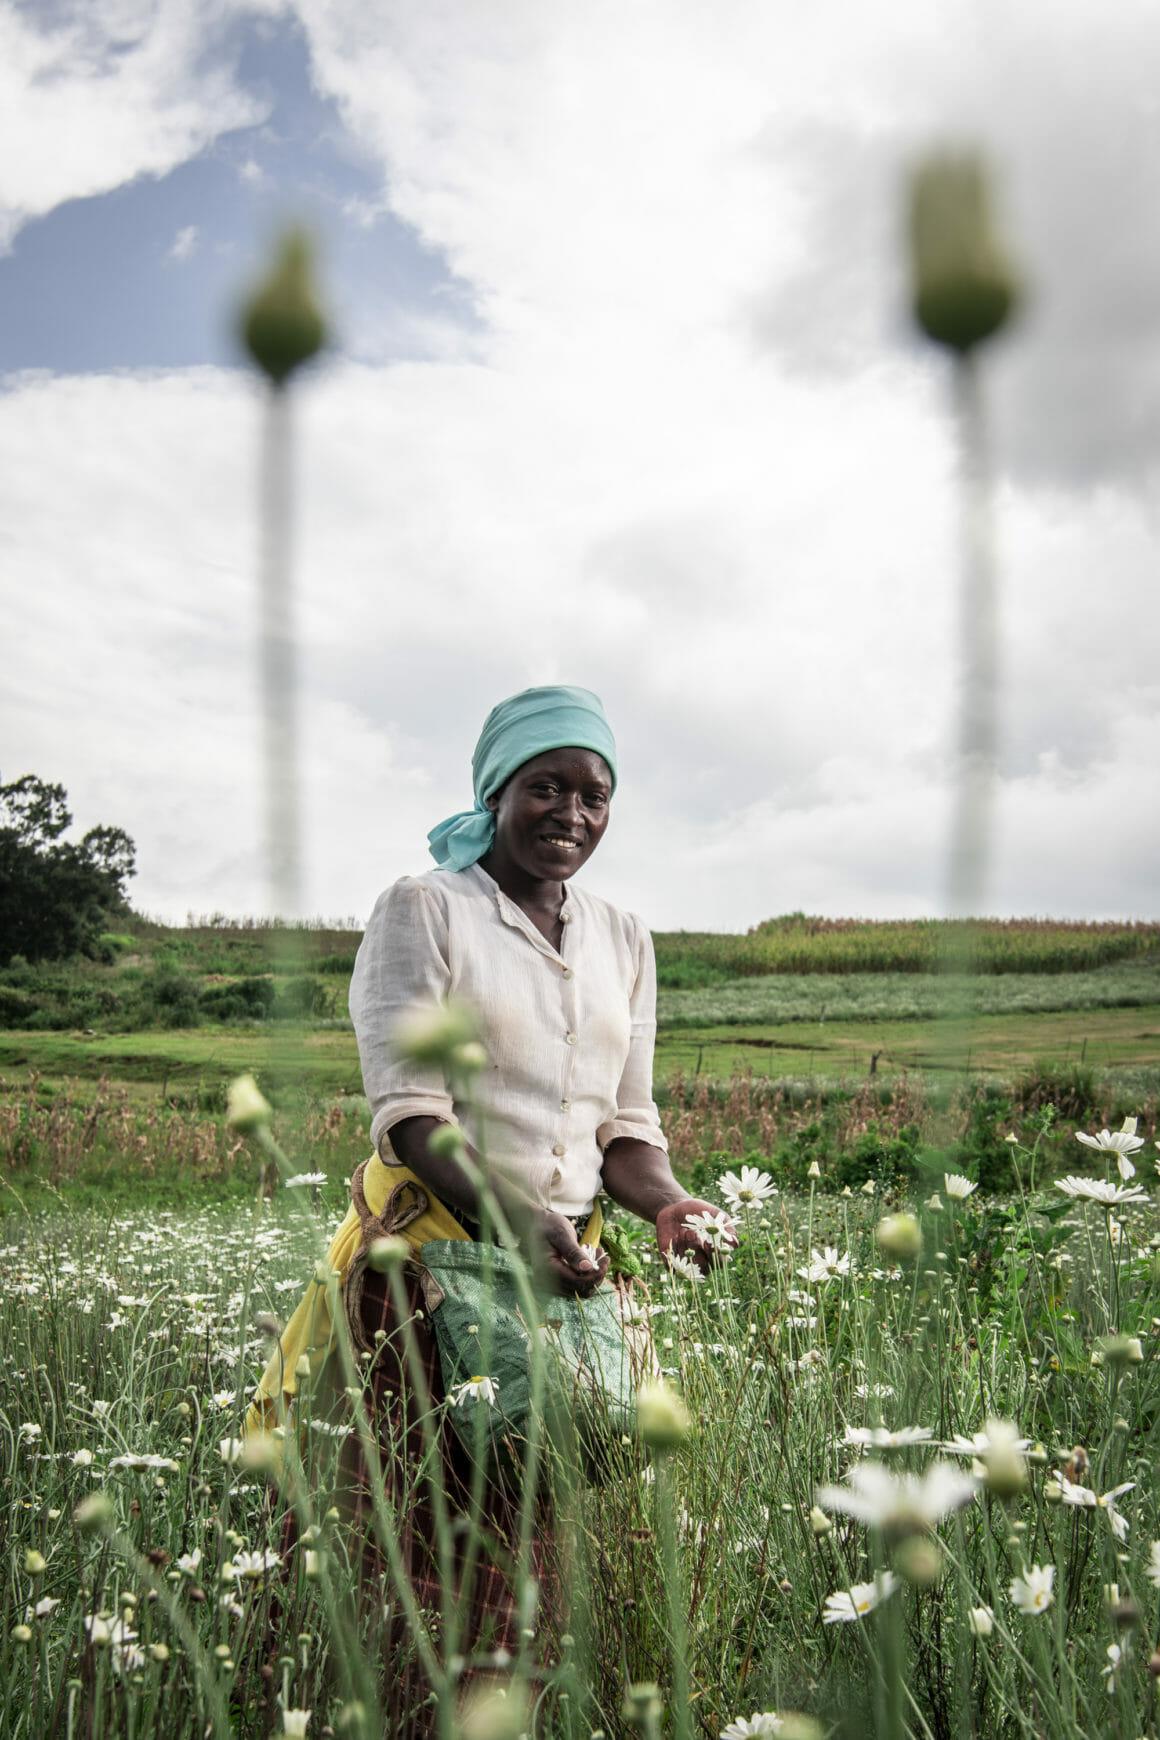 Femme dans un champ de fleurs, elle sourit, deux fleurs dans les mains